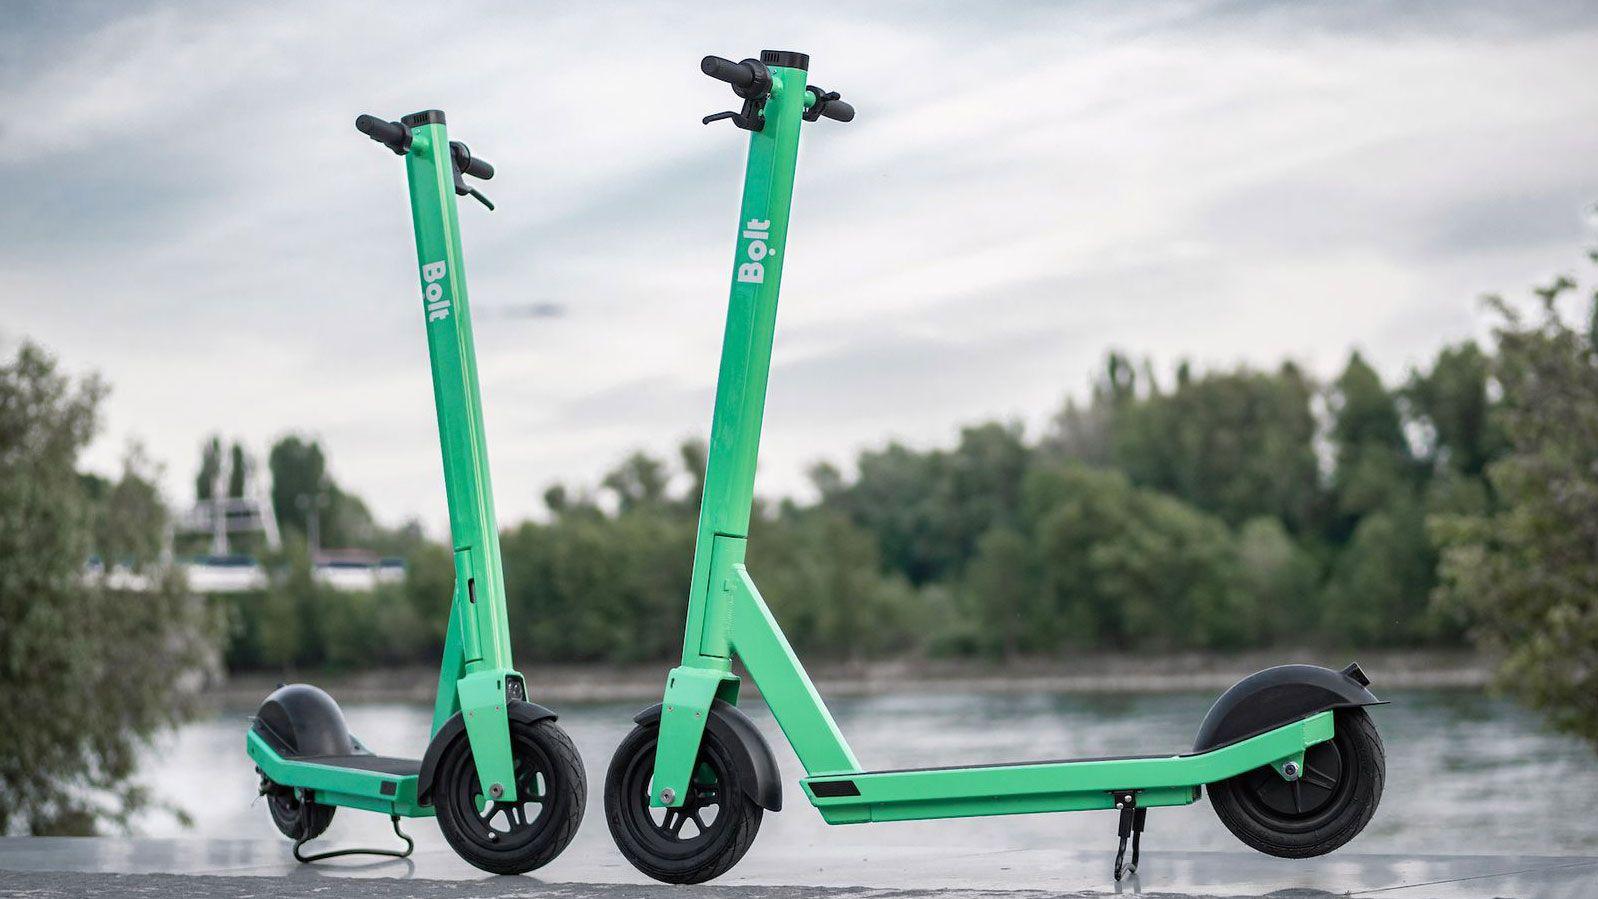 Slike sykler vil det koste 1 krone i minuttet å bruke.